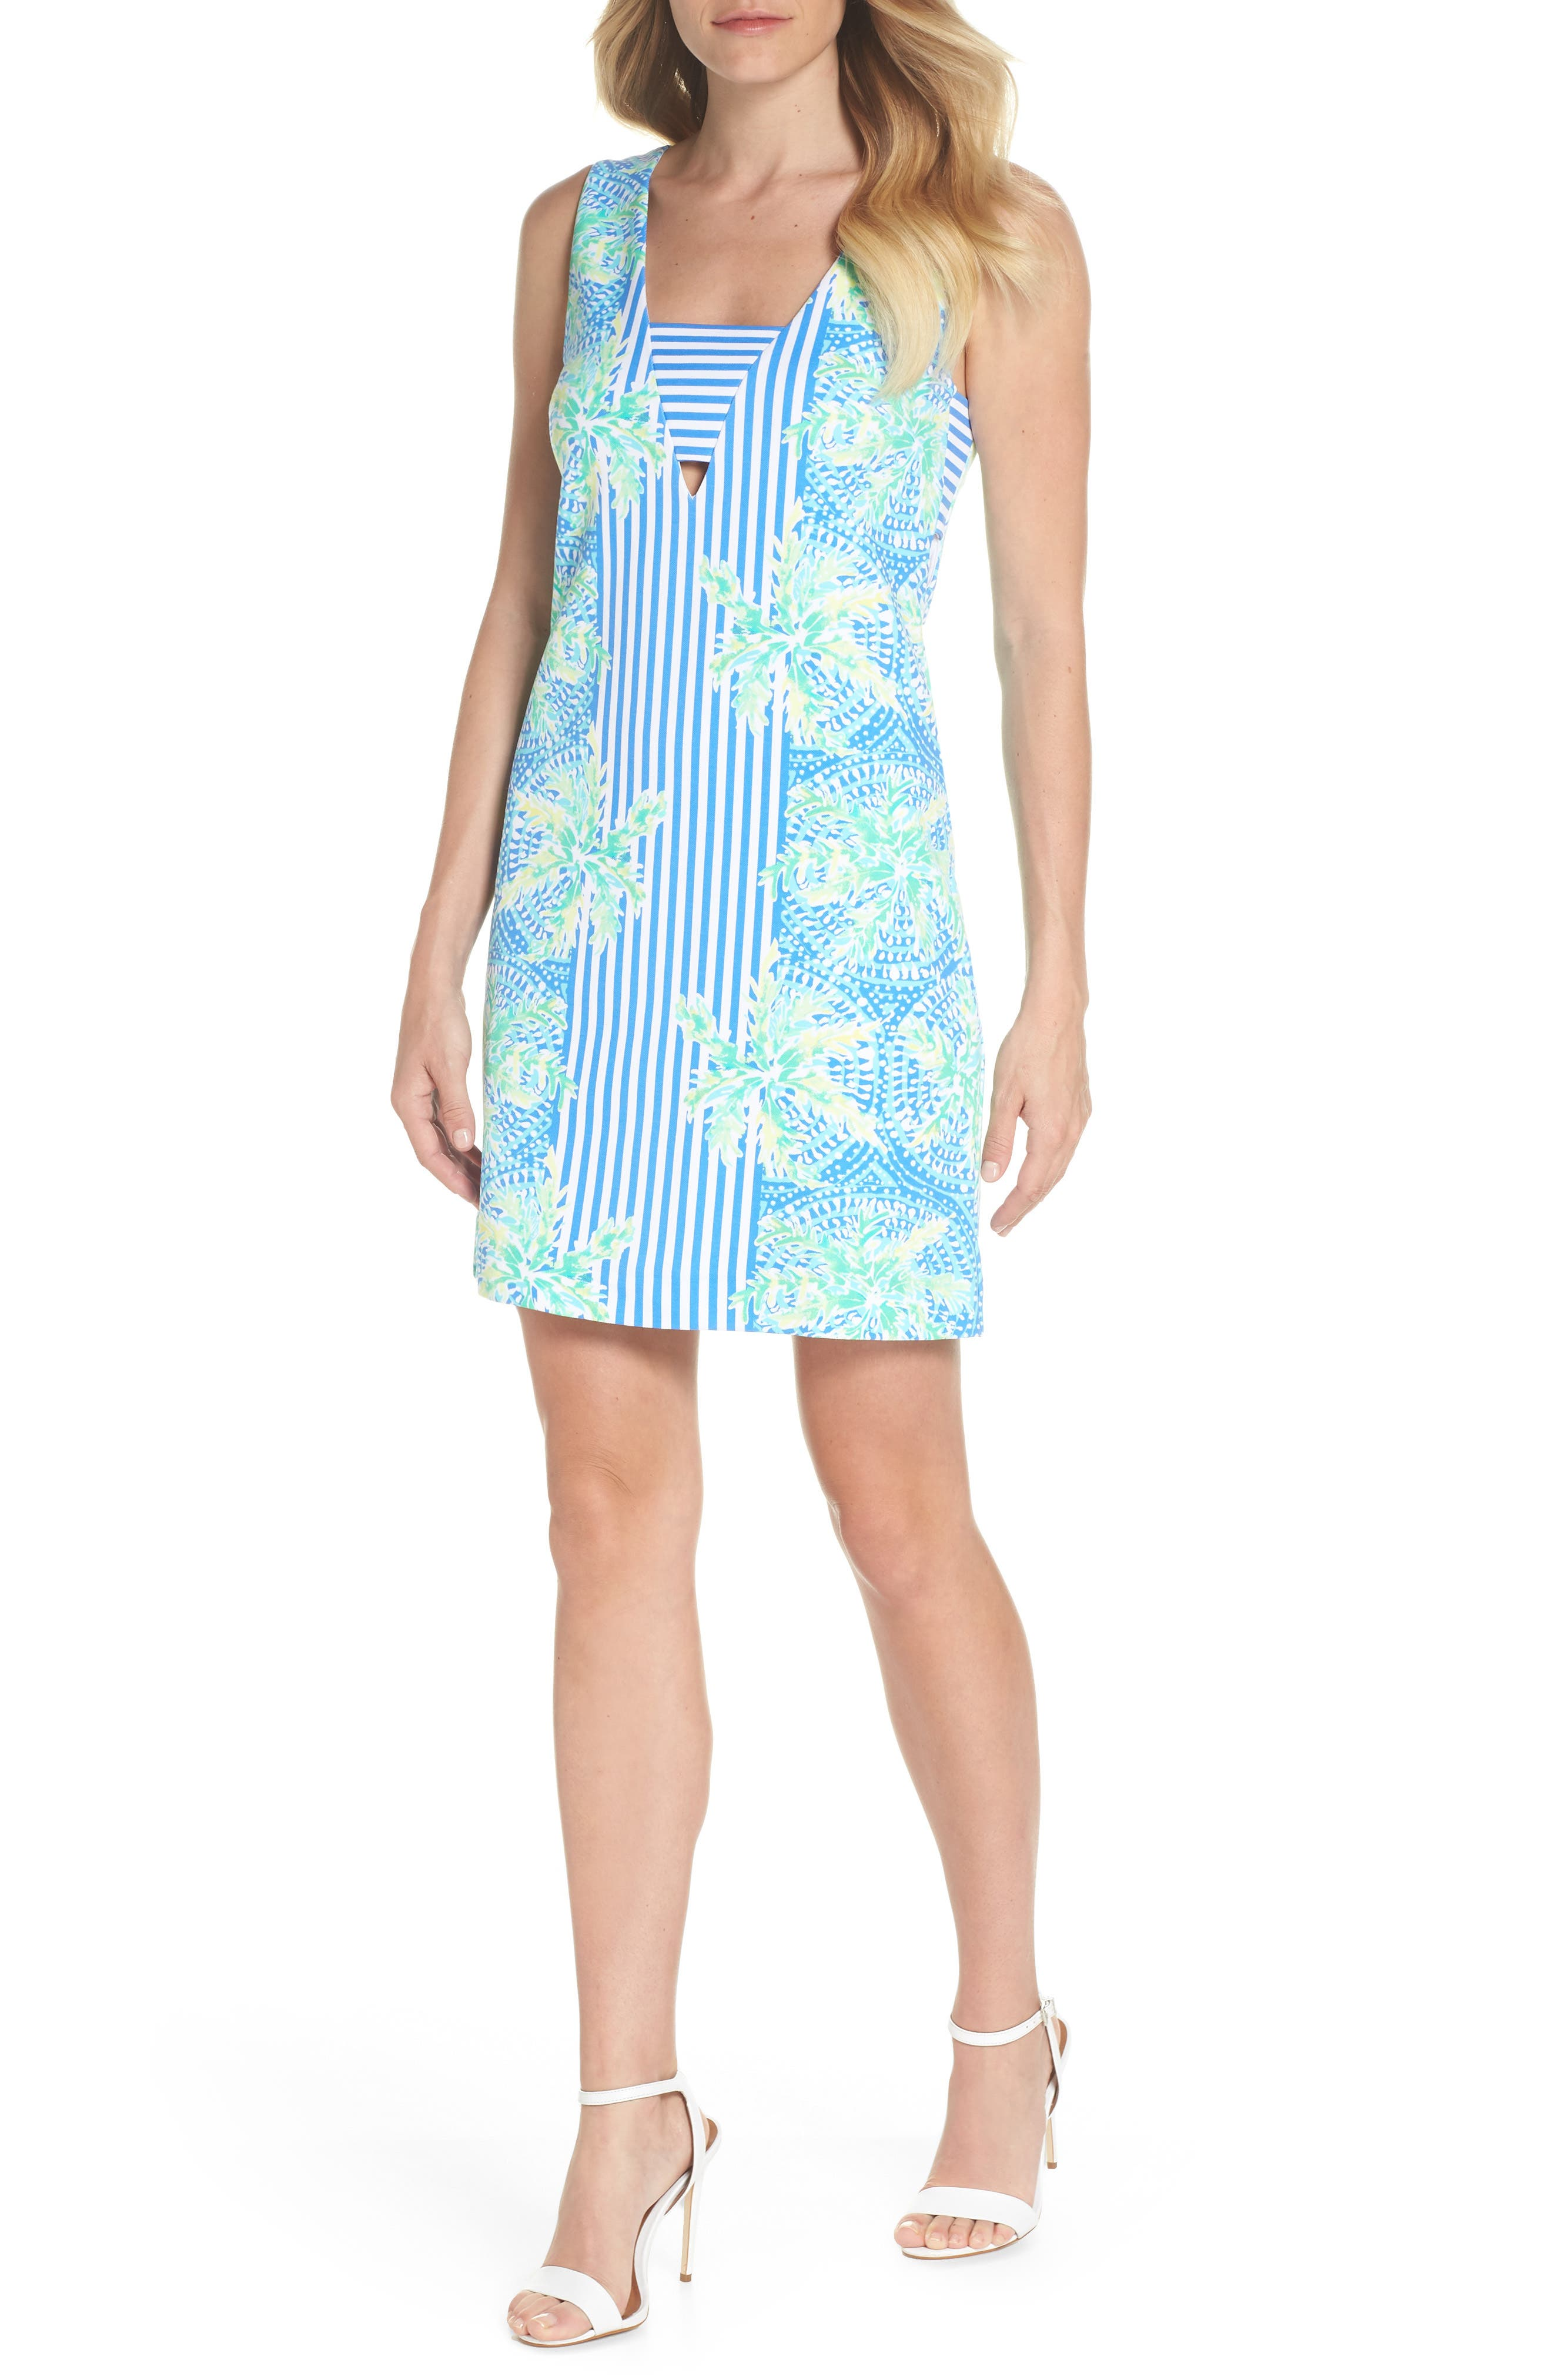 Chiara Stripe & Floral Print Dress,                             Alternate thumbnail 5, color,                             420